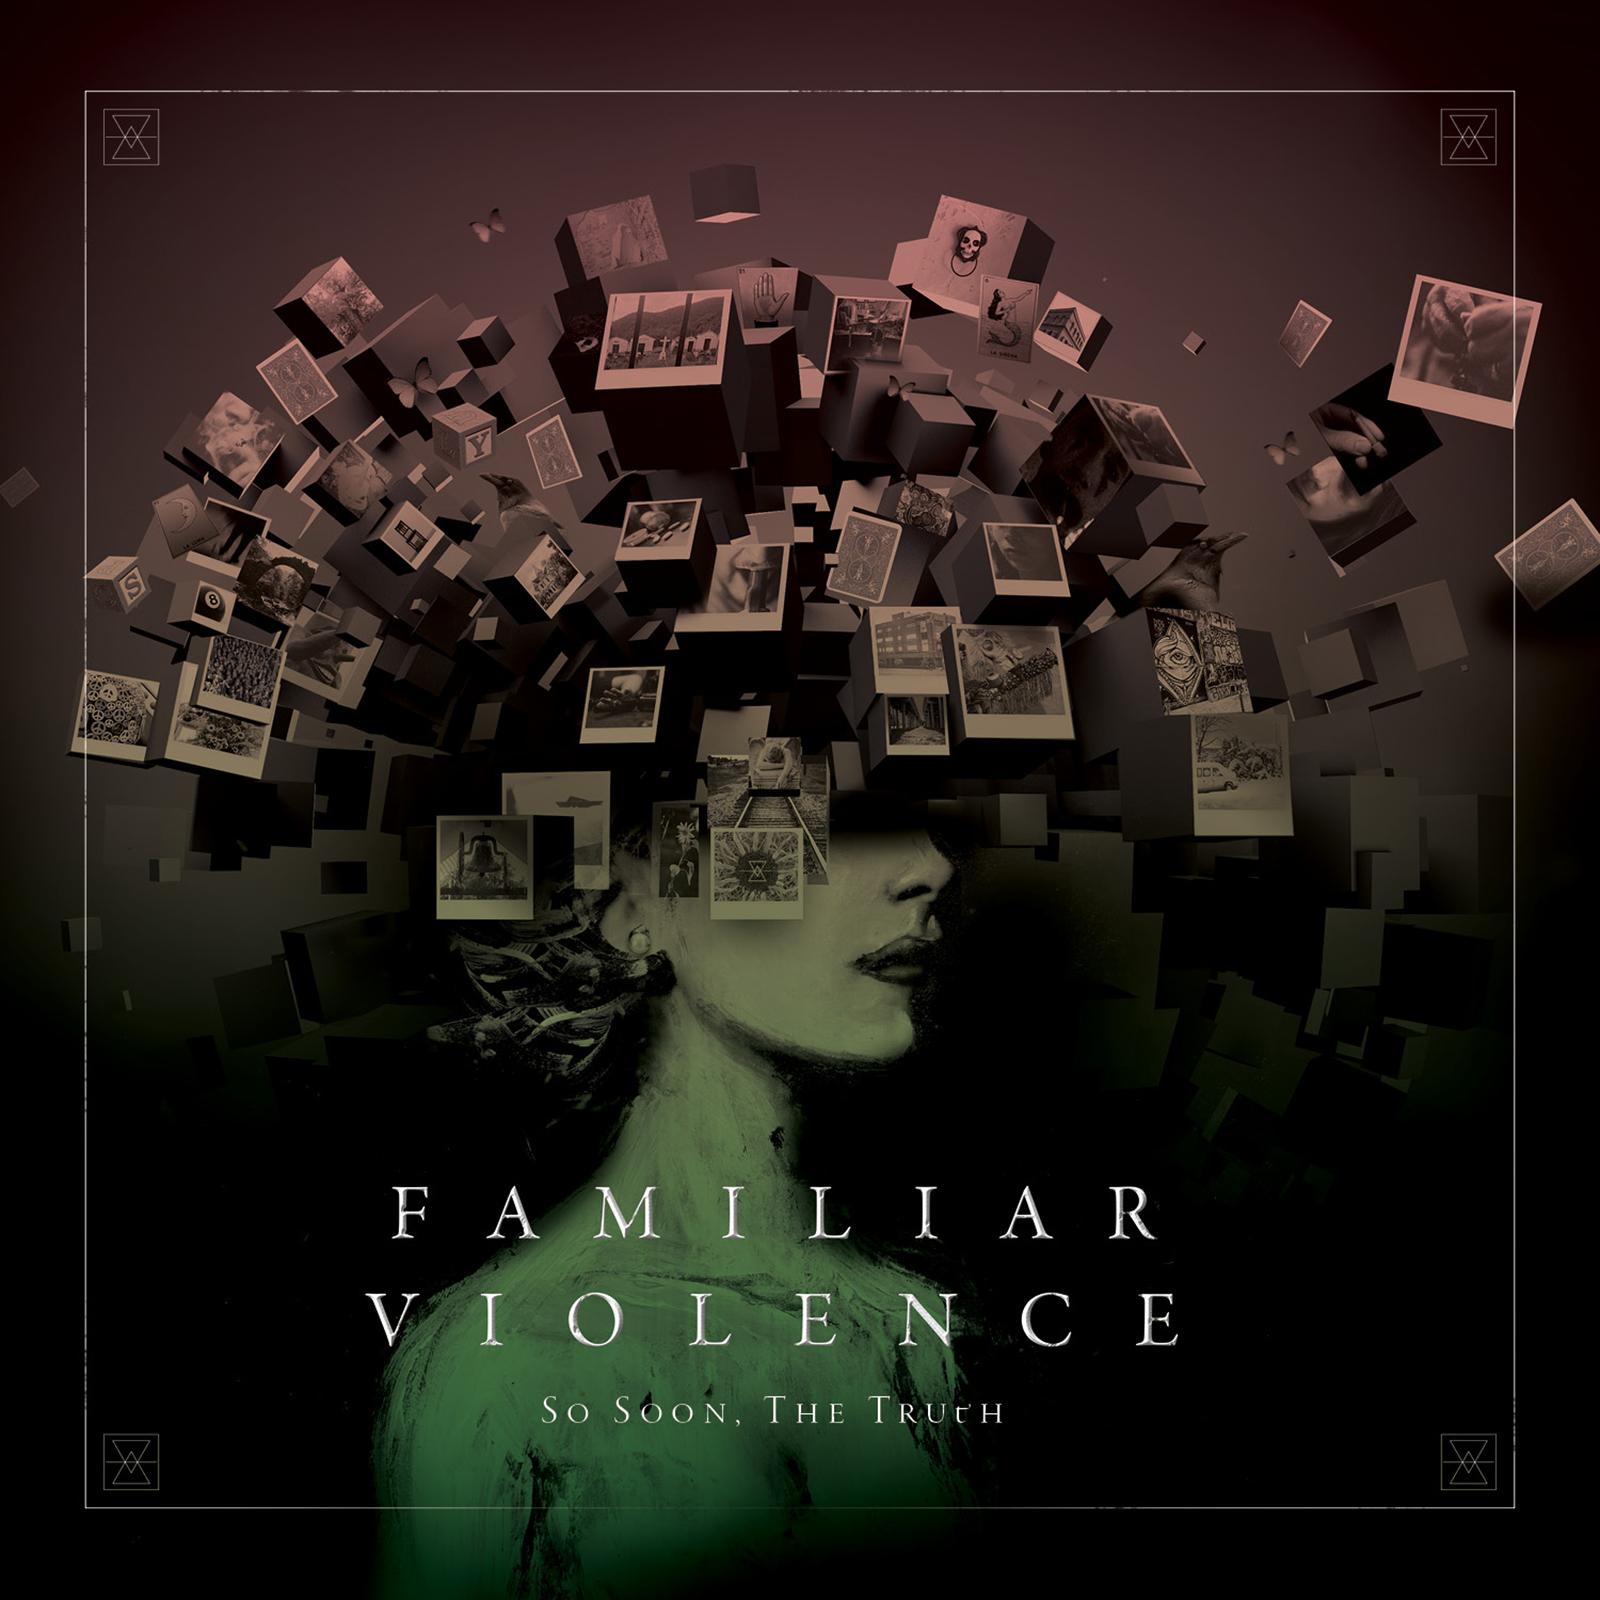 So Soon, The Truth - 'Familiar Violence'